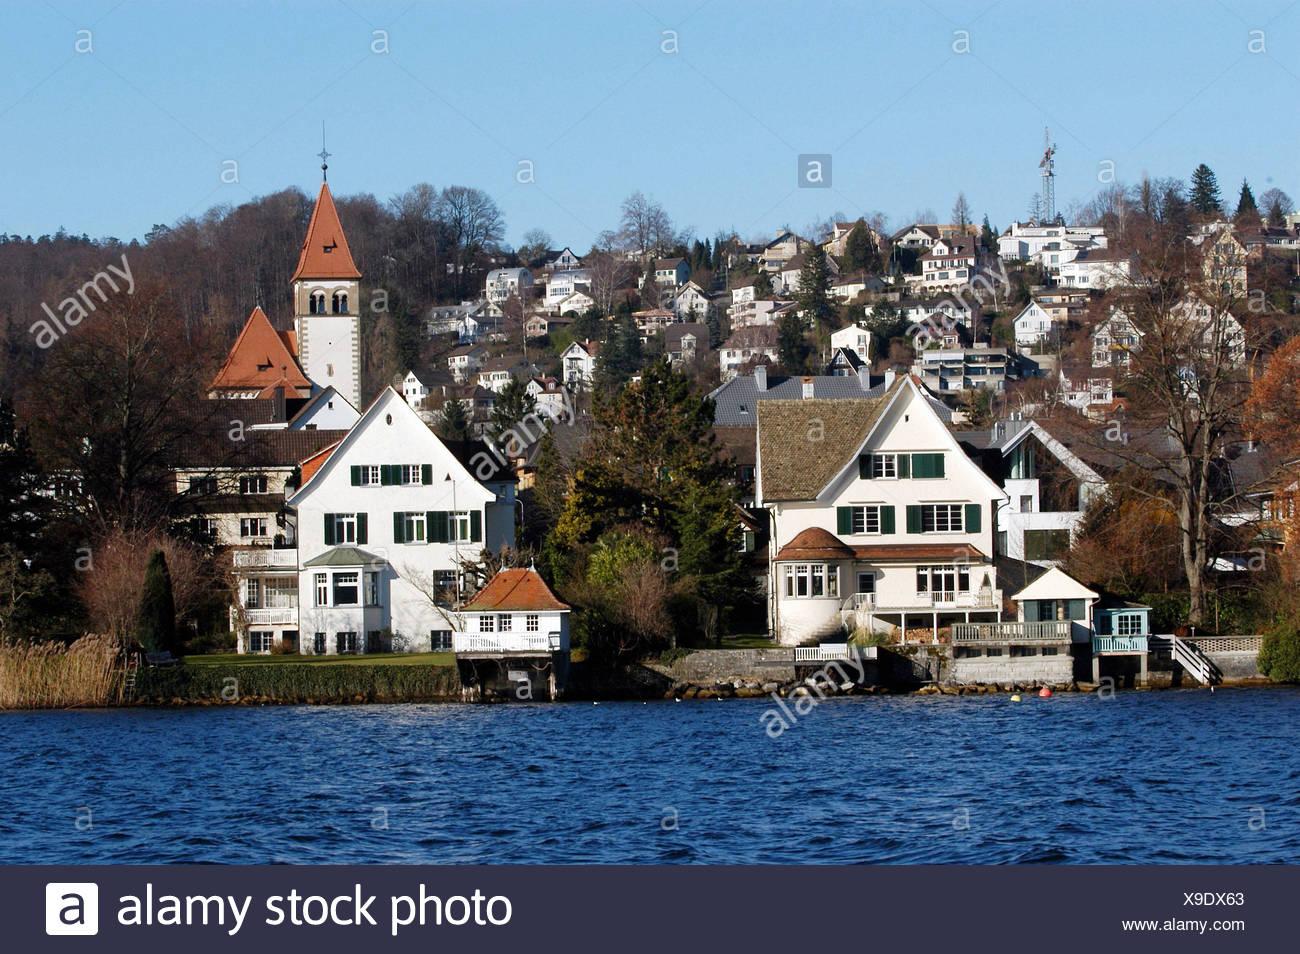 new style 40578 ecaef Blauer Himmel, Zürichsee, See, Kirche, Immobilien, Häuser ...